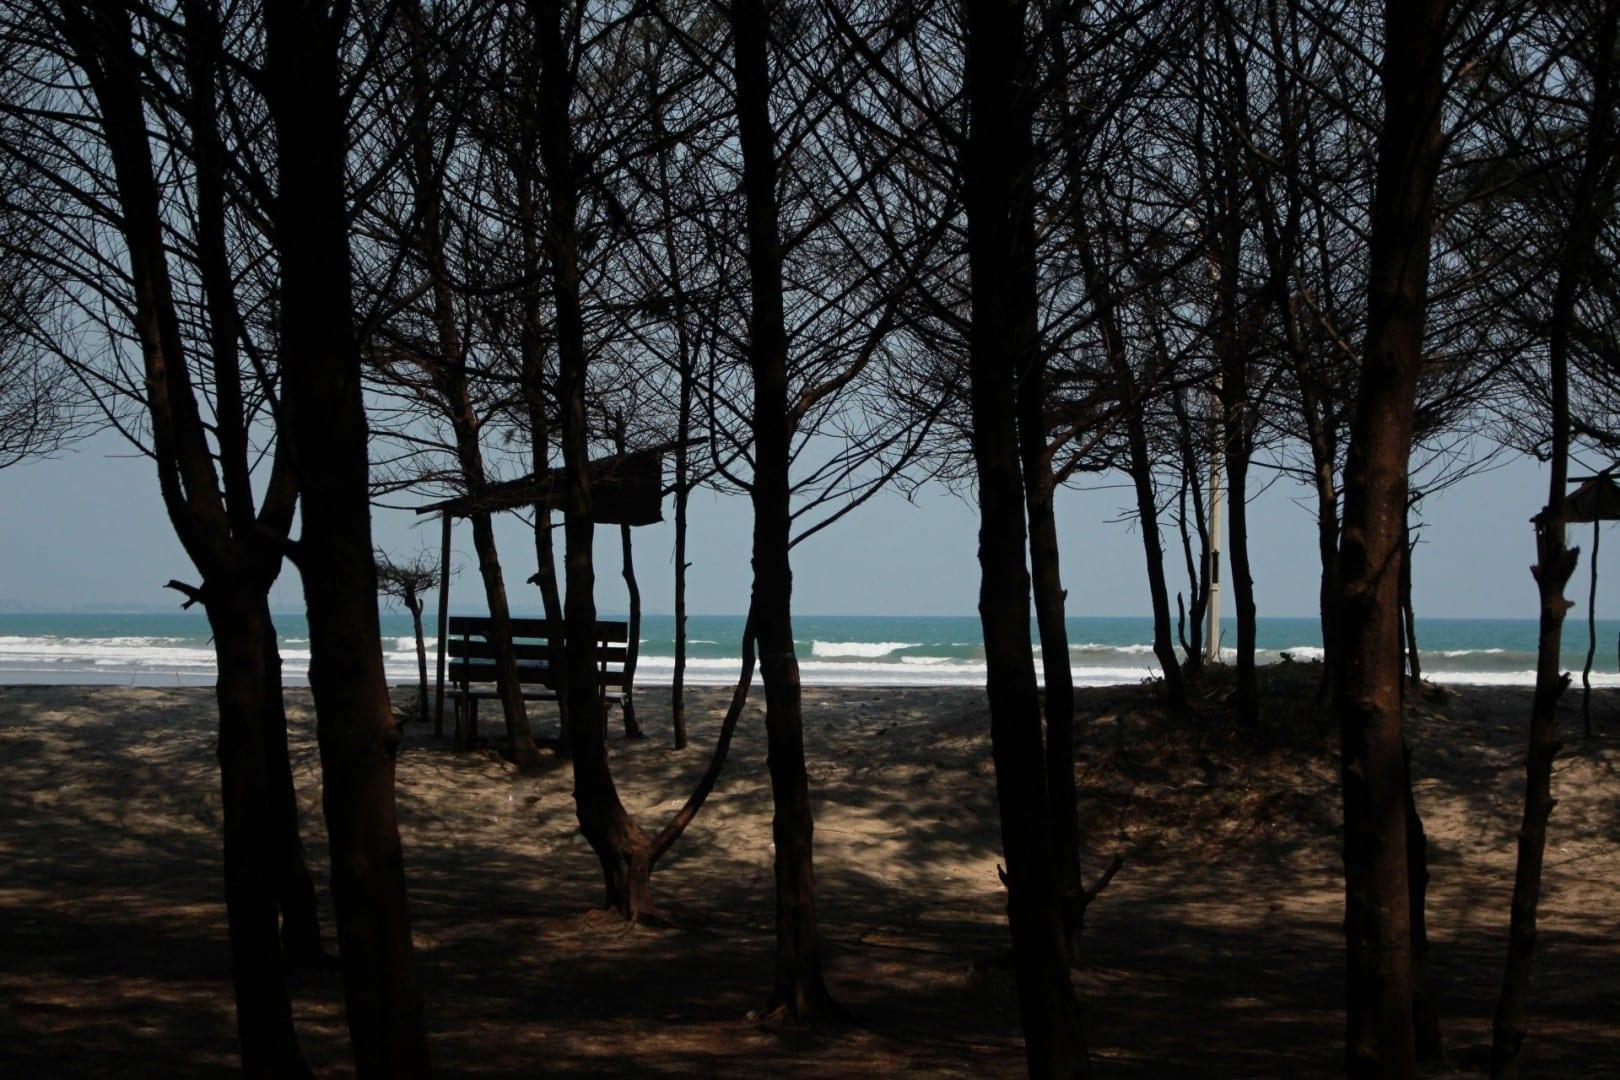 La casuarina crece abundantemente a lo largo de la costa de Bengkulu, haciendo que todas sus playas parezcan distintas de otras playas indonesias. Bengkulu Indonesia